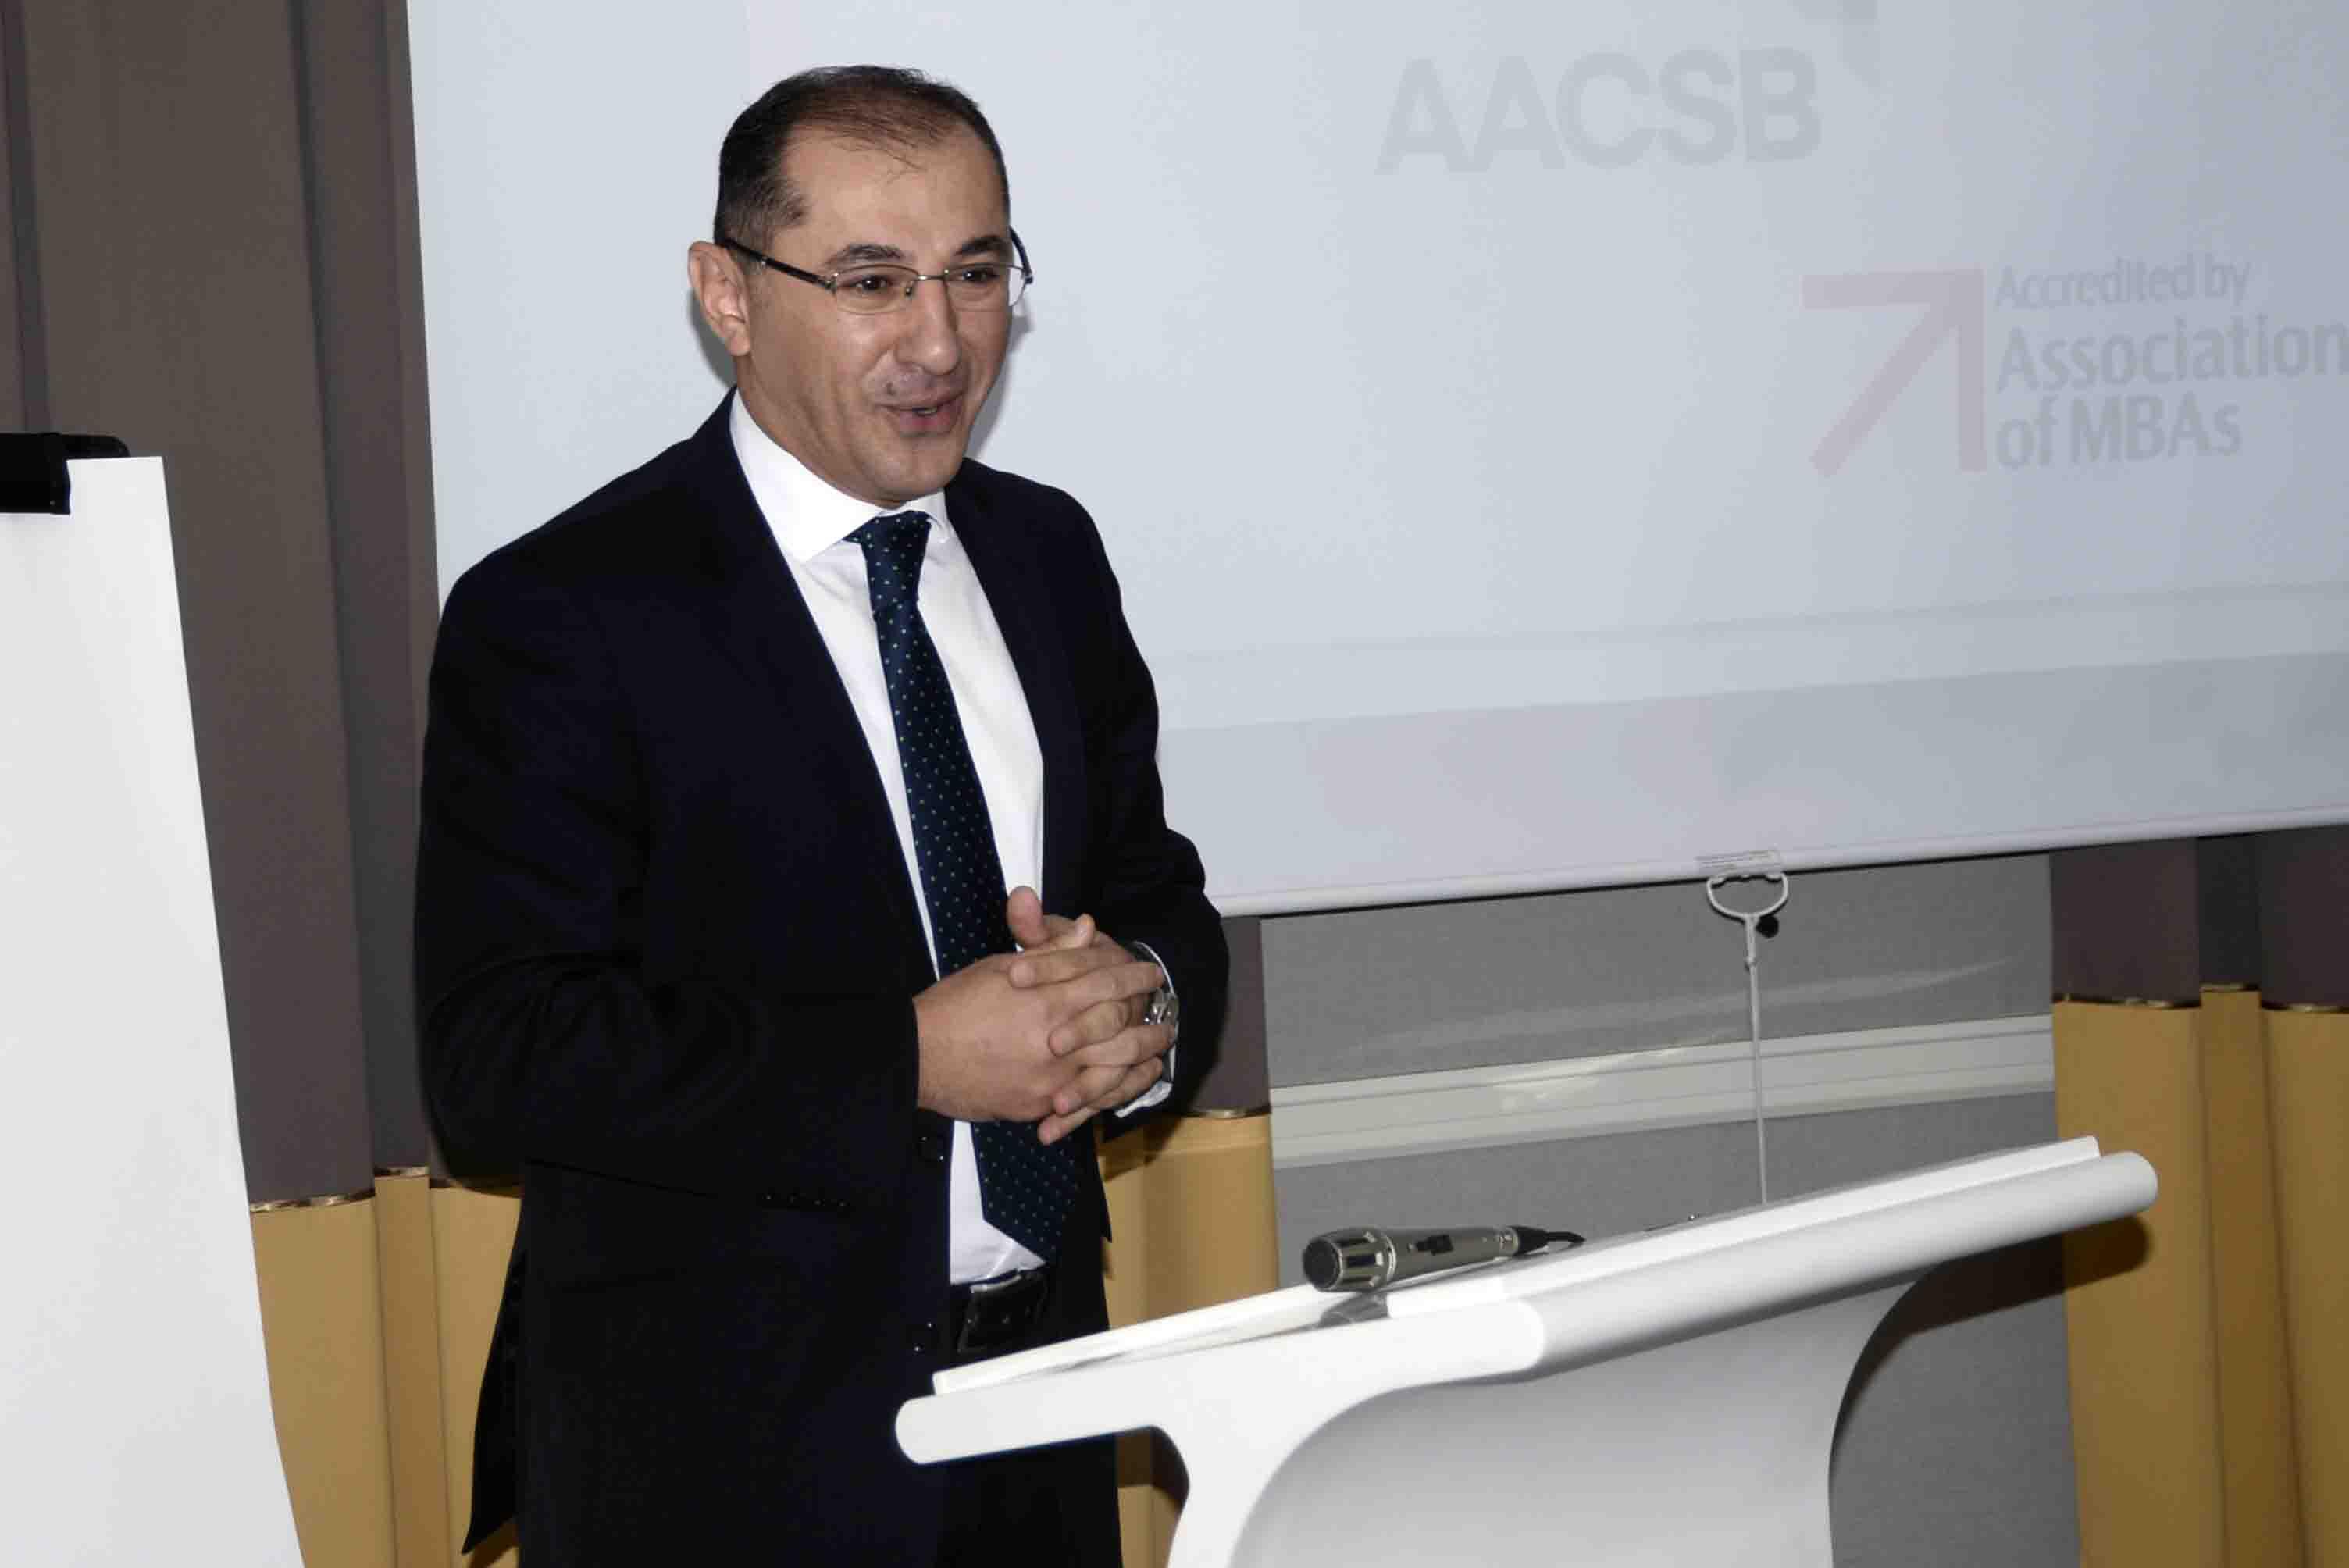 Վարդան Արամյանը ներկա է գտնվել Շեֆիլդի համալսարանի Executive MBA ծրագրի մեկնարկի միջոցառմանը